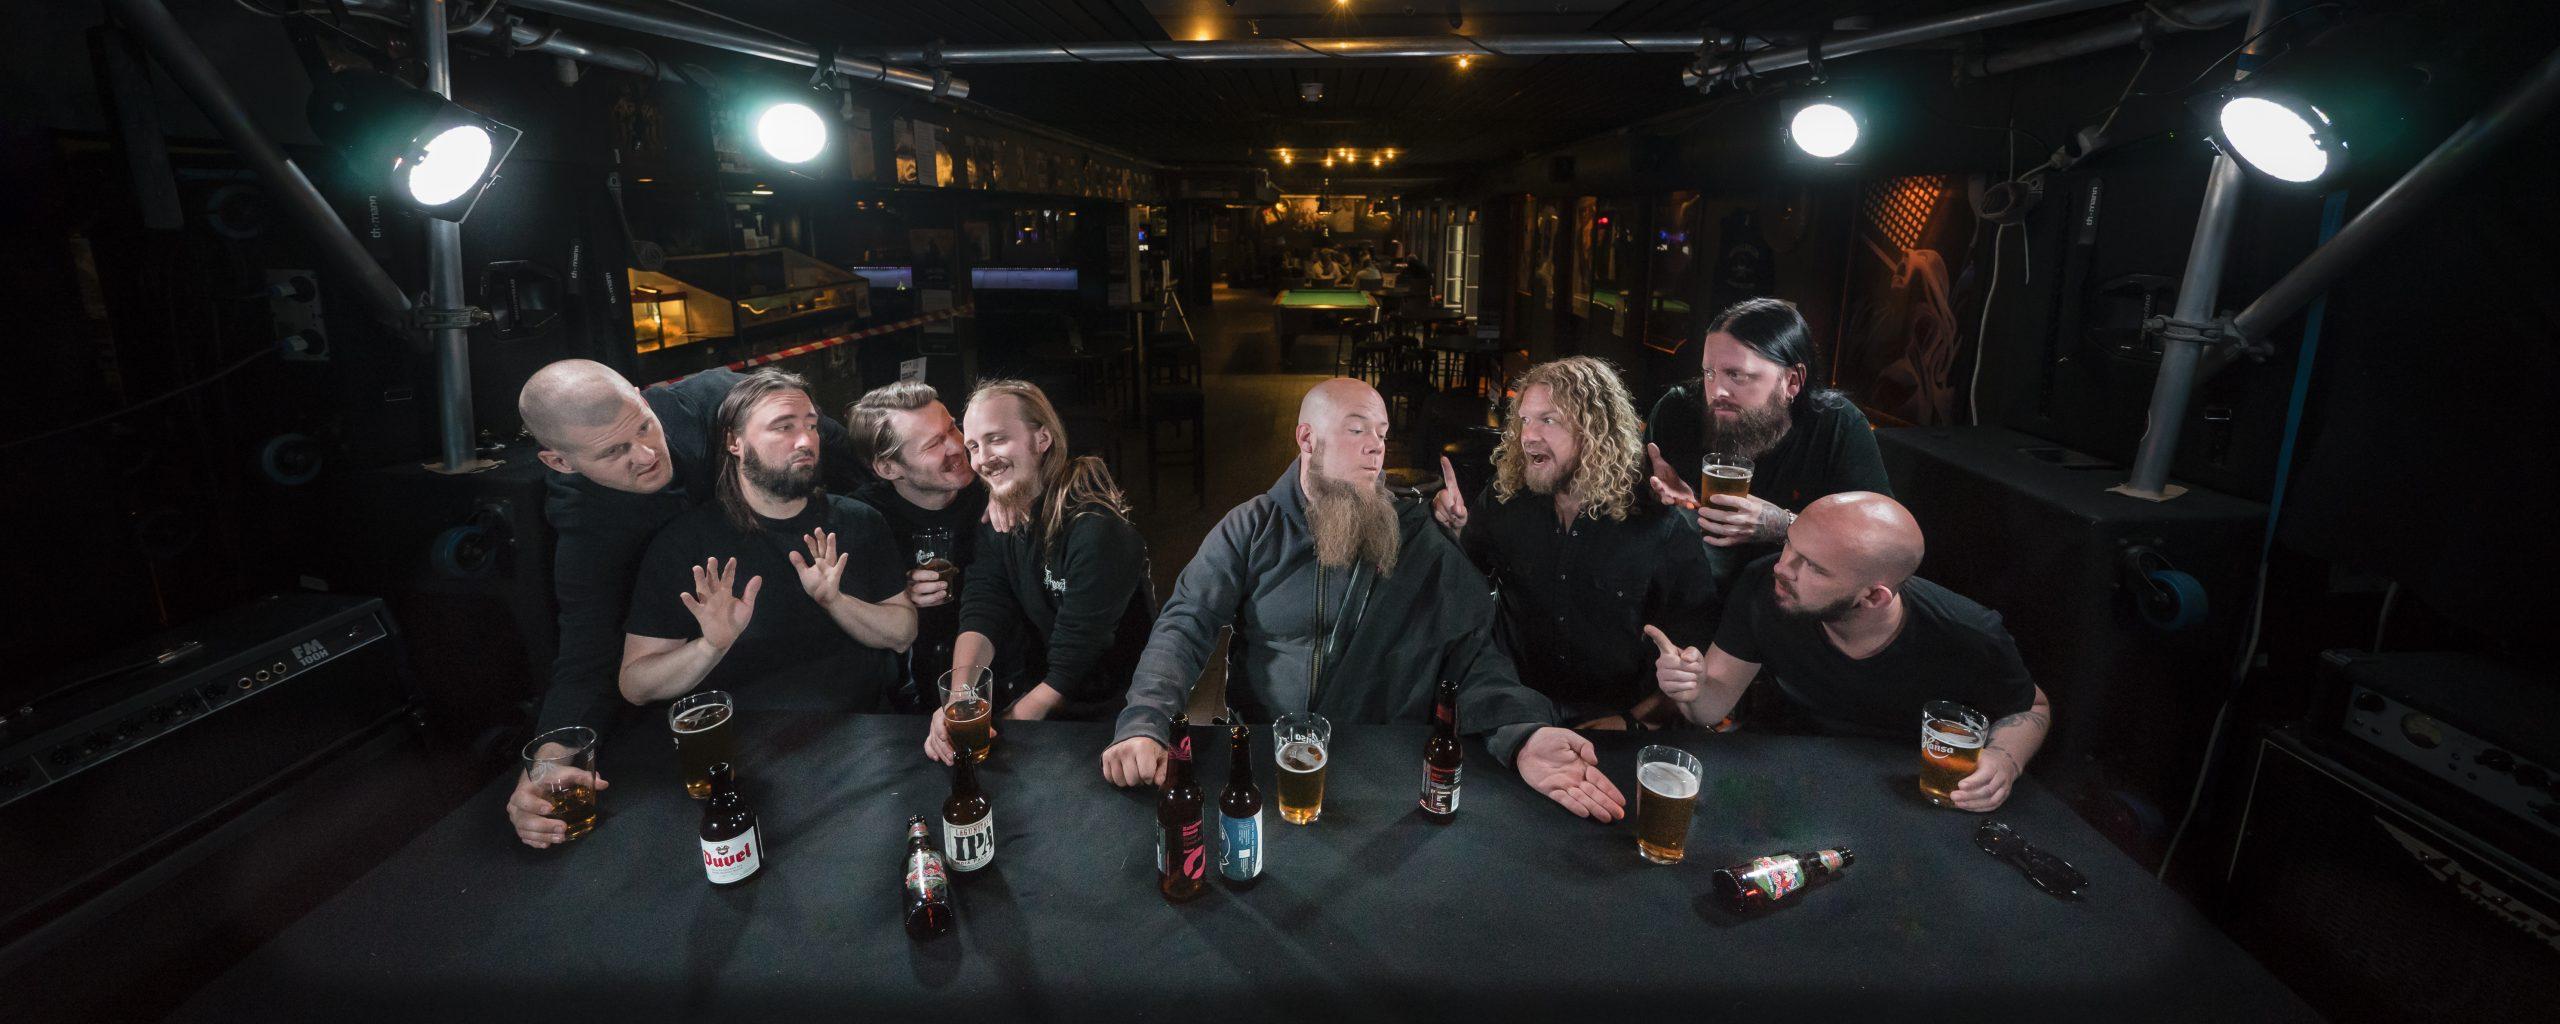 trollfest-verwandeln-energiegeladene-hits-in-puren-norwegischen-balkan-metal-k-a-o-s-mit-happy-heroes